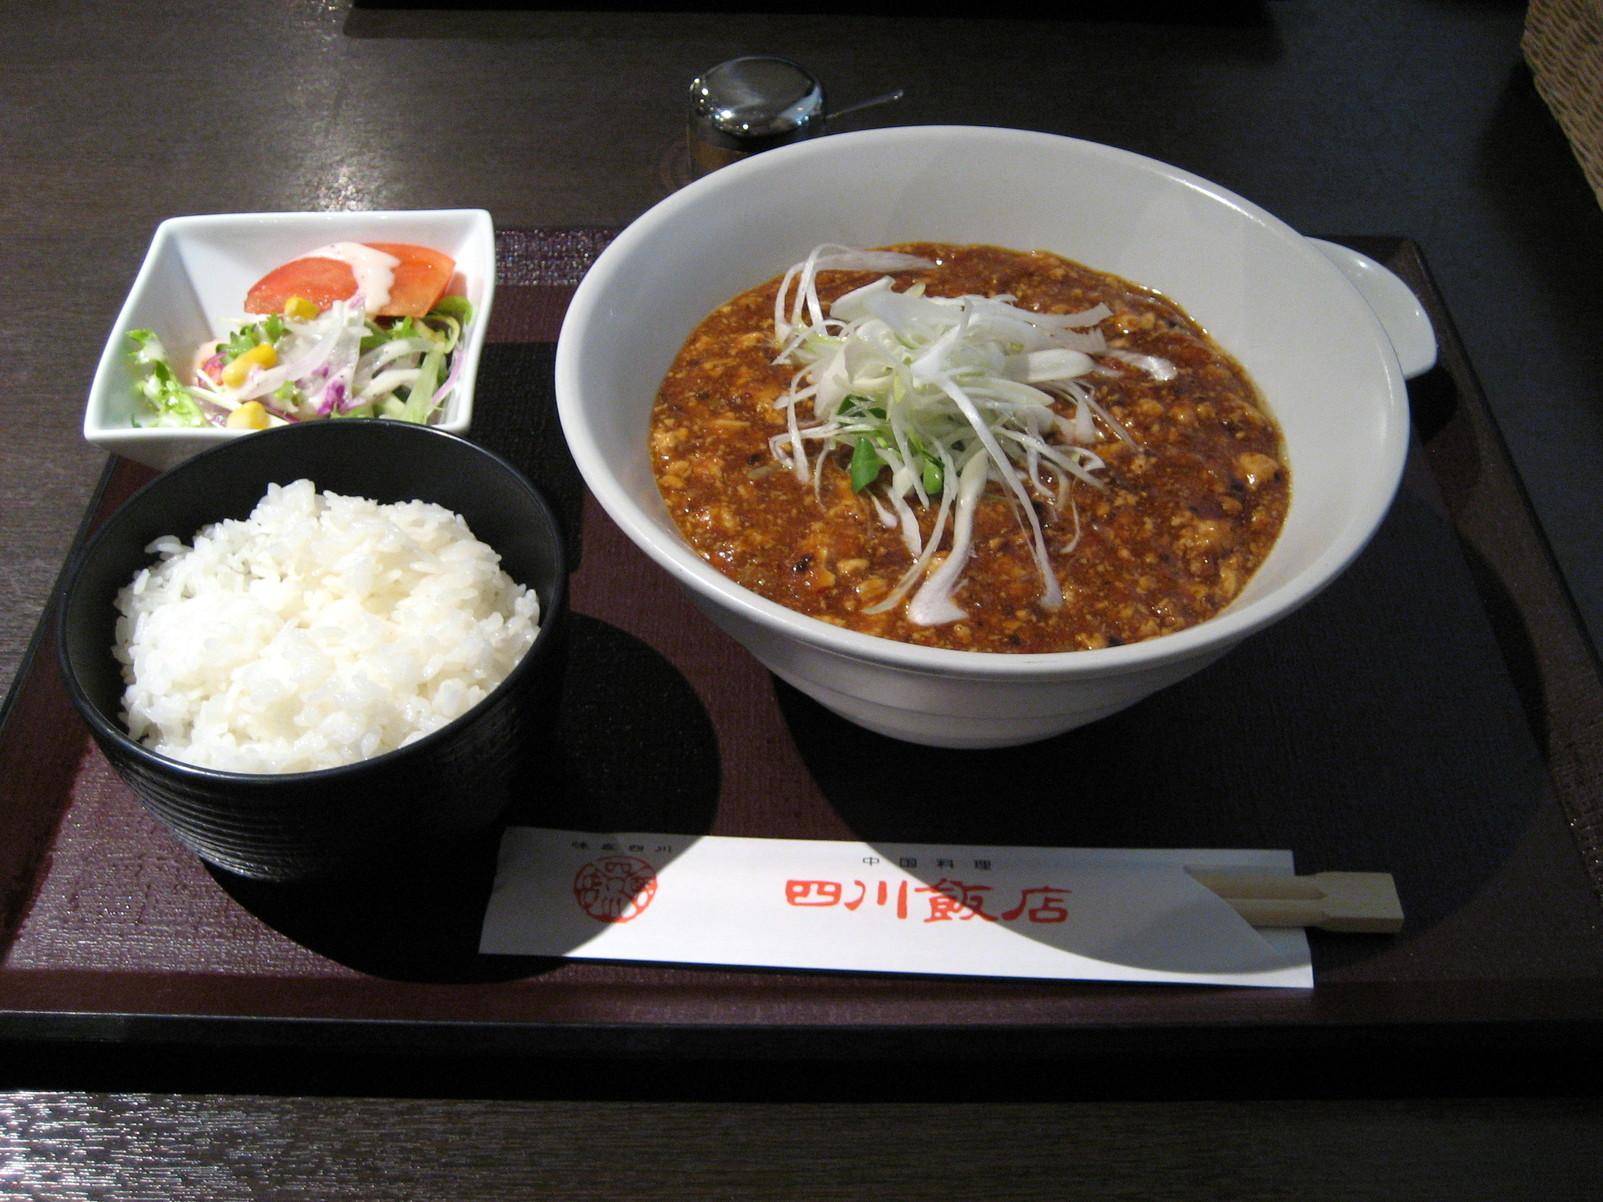 浜松四川飯店 西塚店 name=